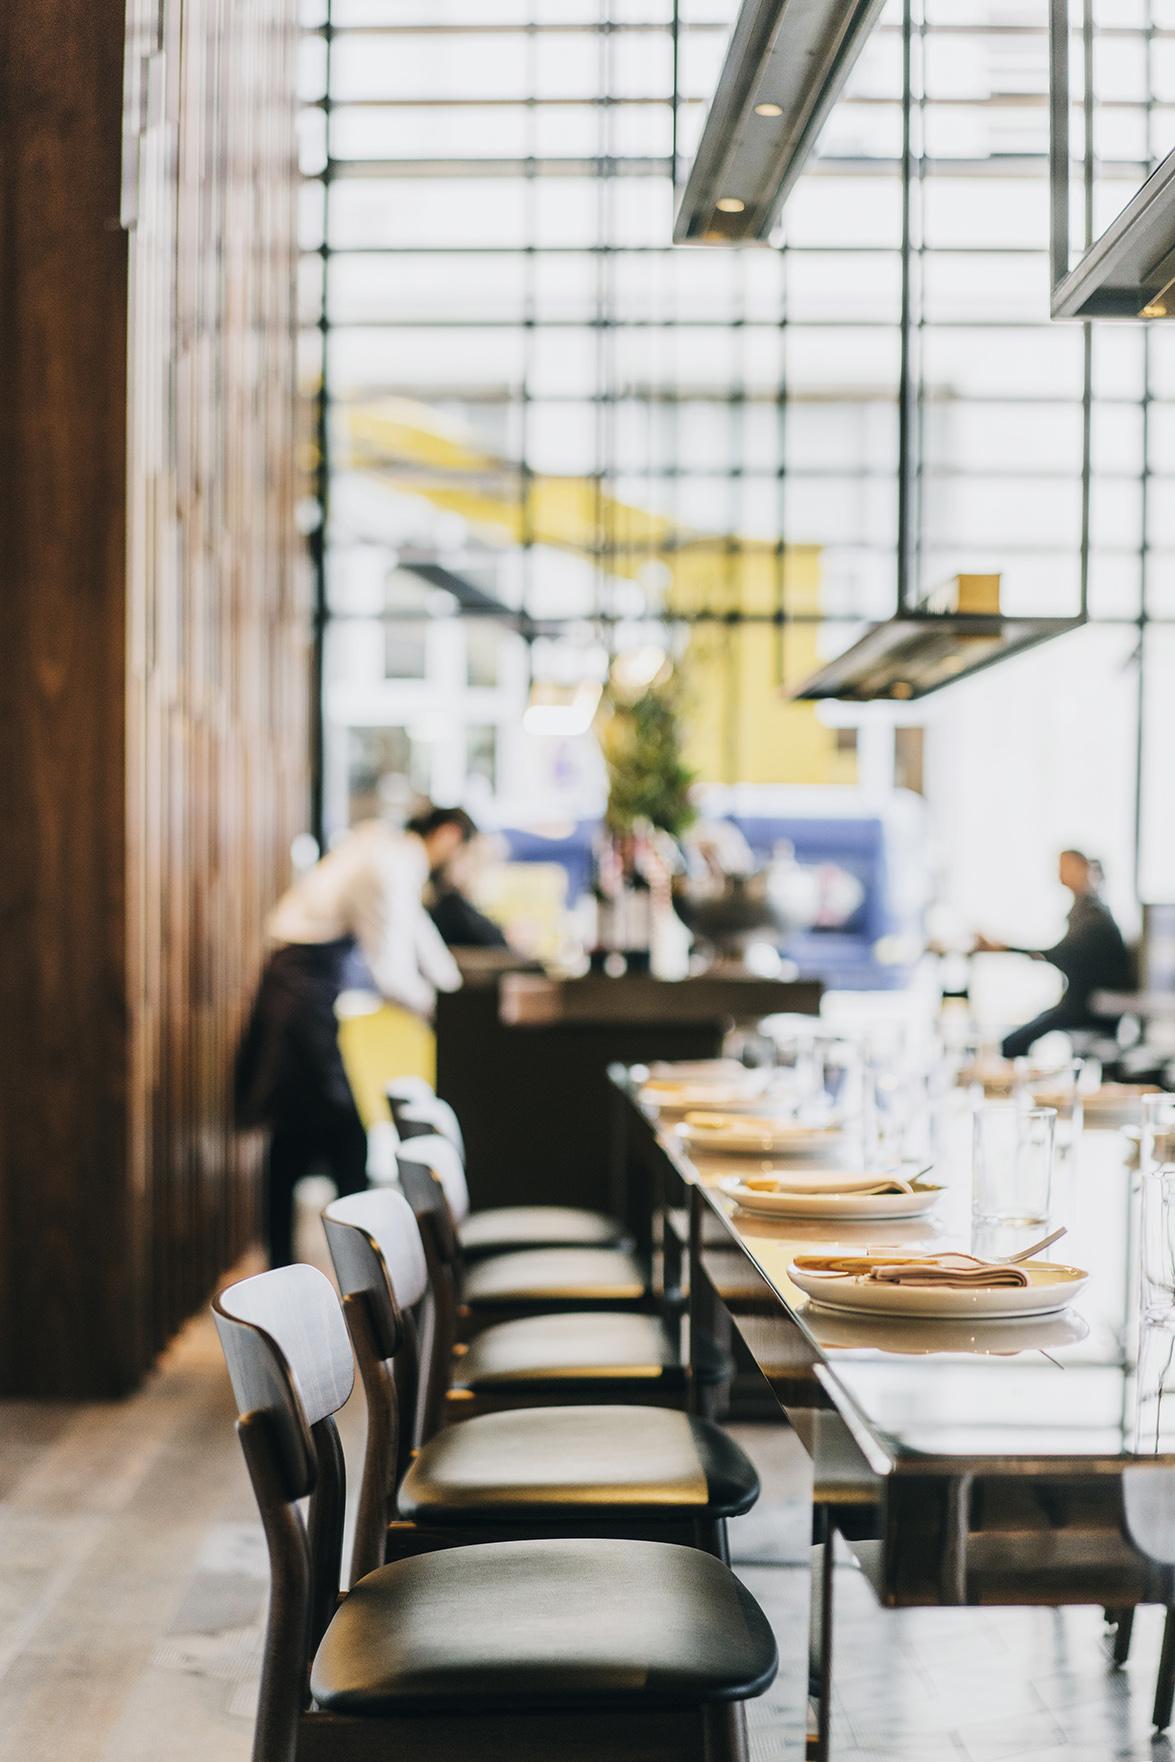 restaurante_terre_grupo_murri_tarruella_trenchs_studio__foto_salva_lopez_19